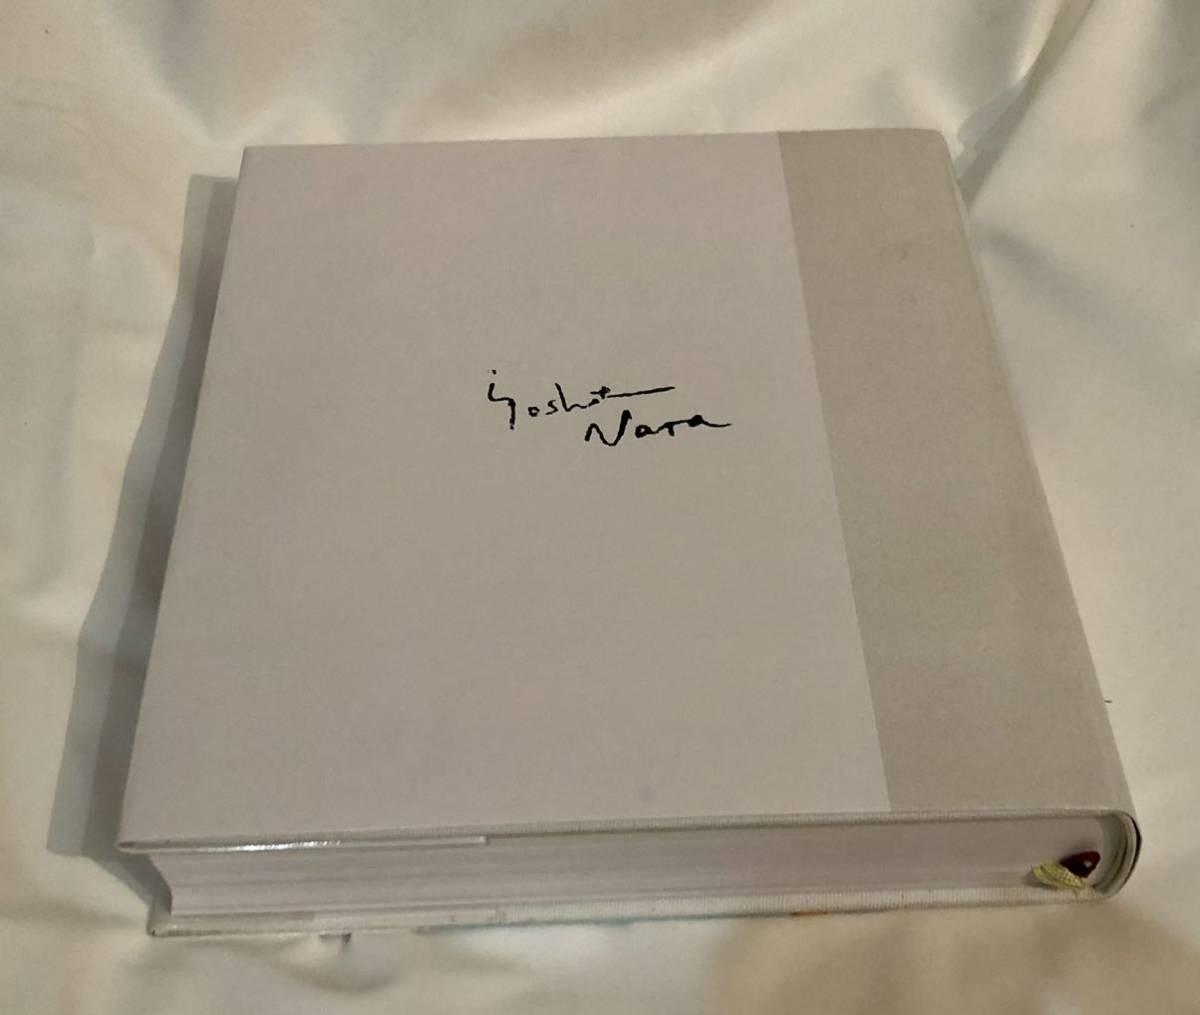 奈良美智 全作品集 1984-2010 Yoshitomo Nara: The Complete Works_画像8